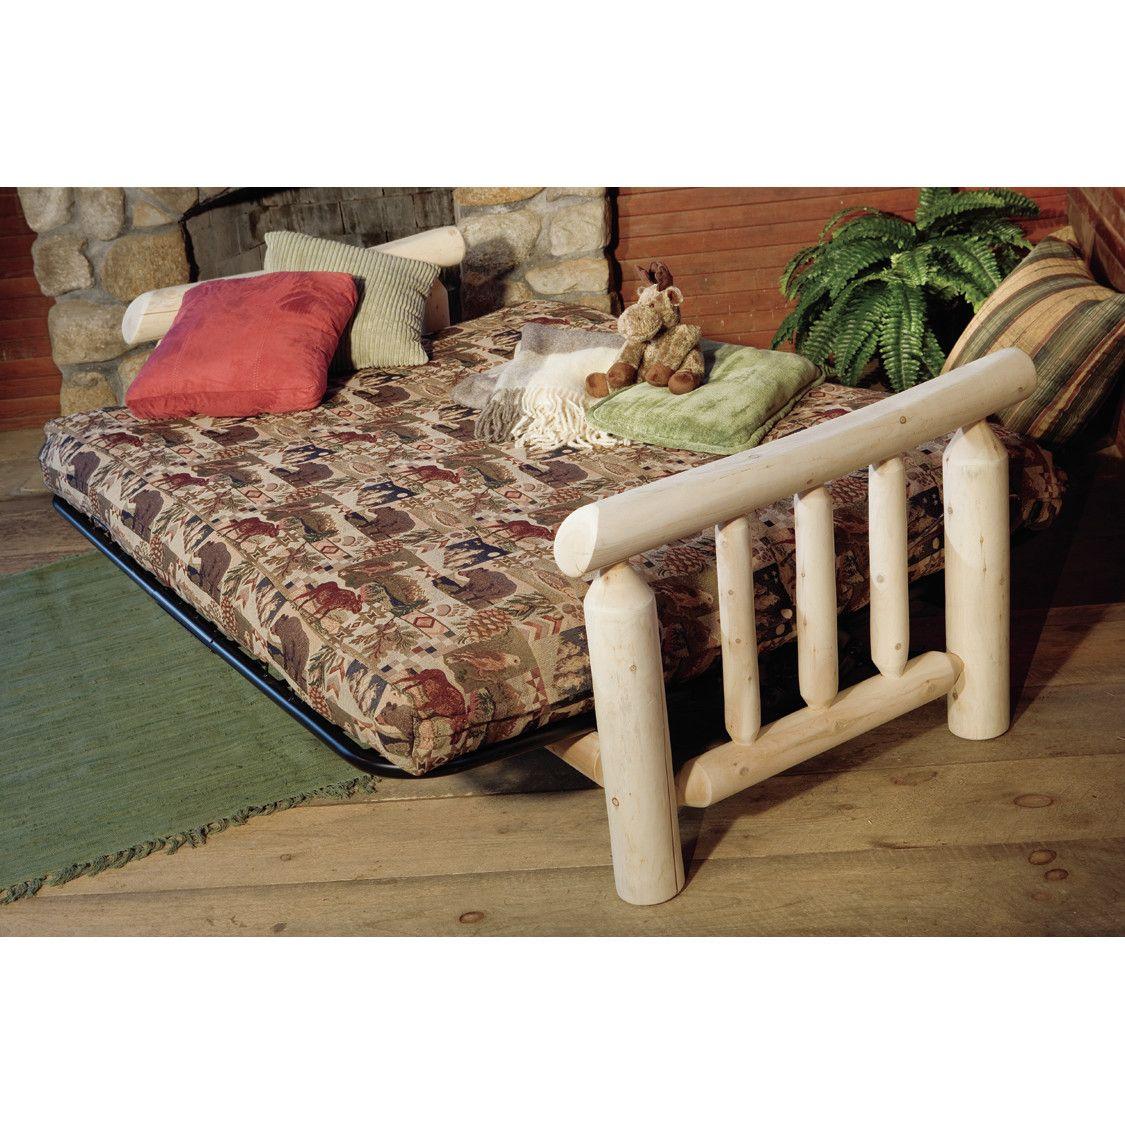 Log Futon Bed Home Decor